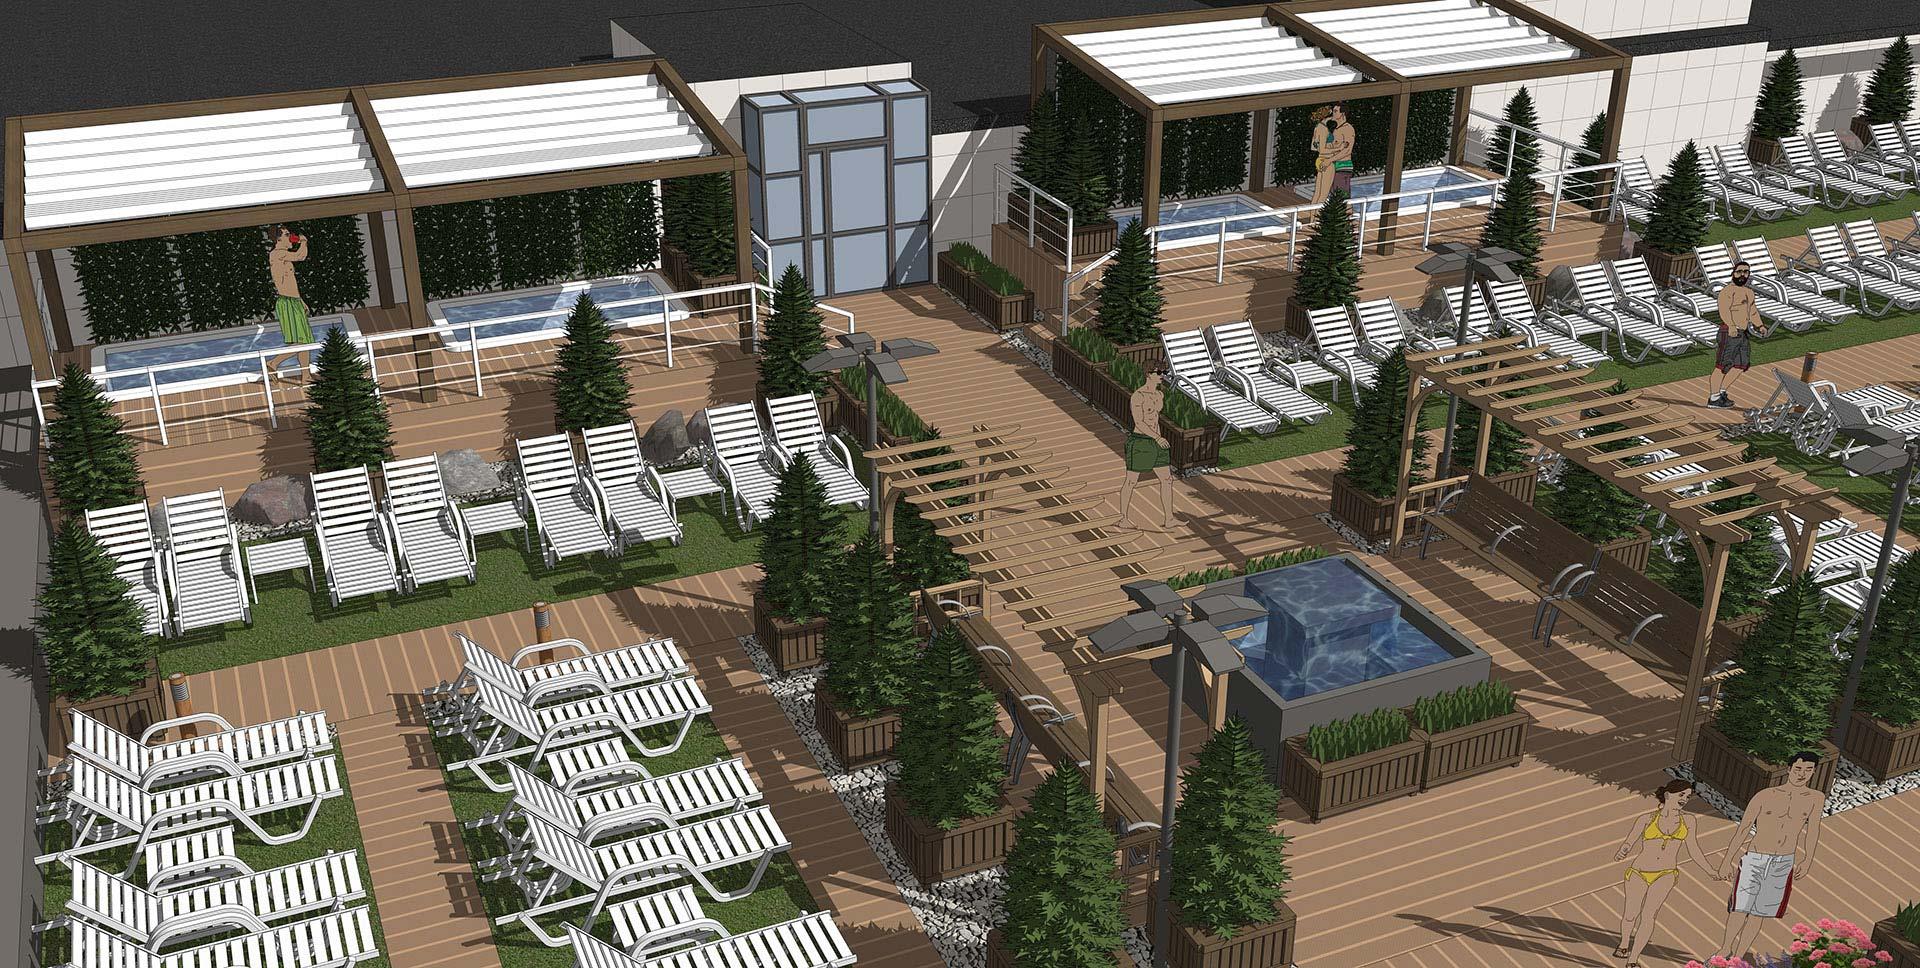 002_-_maximus_terrace